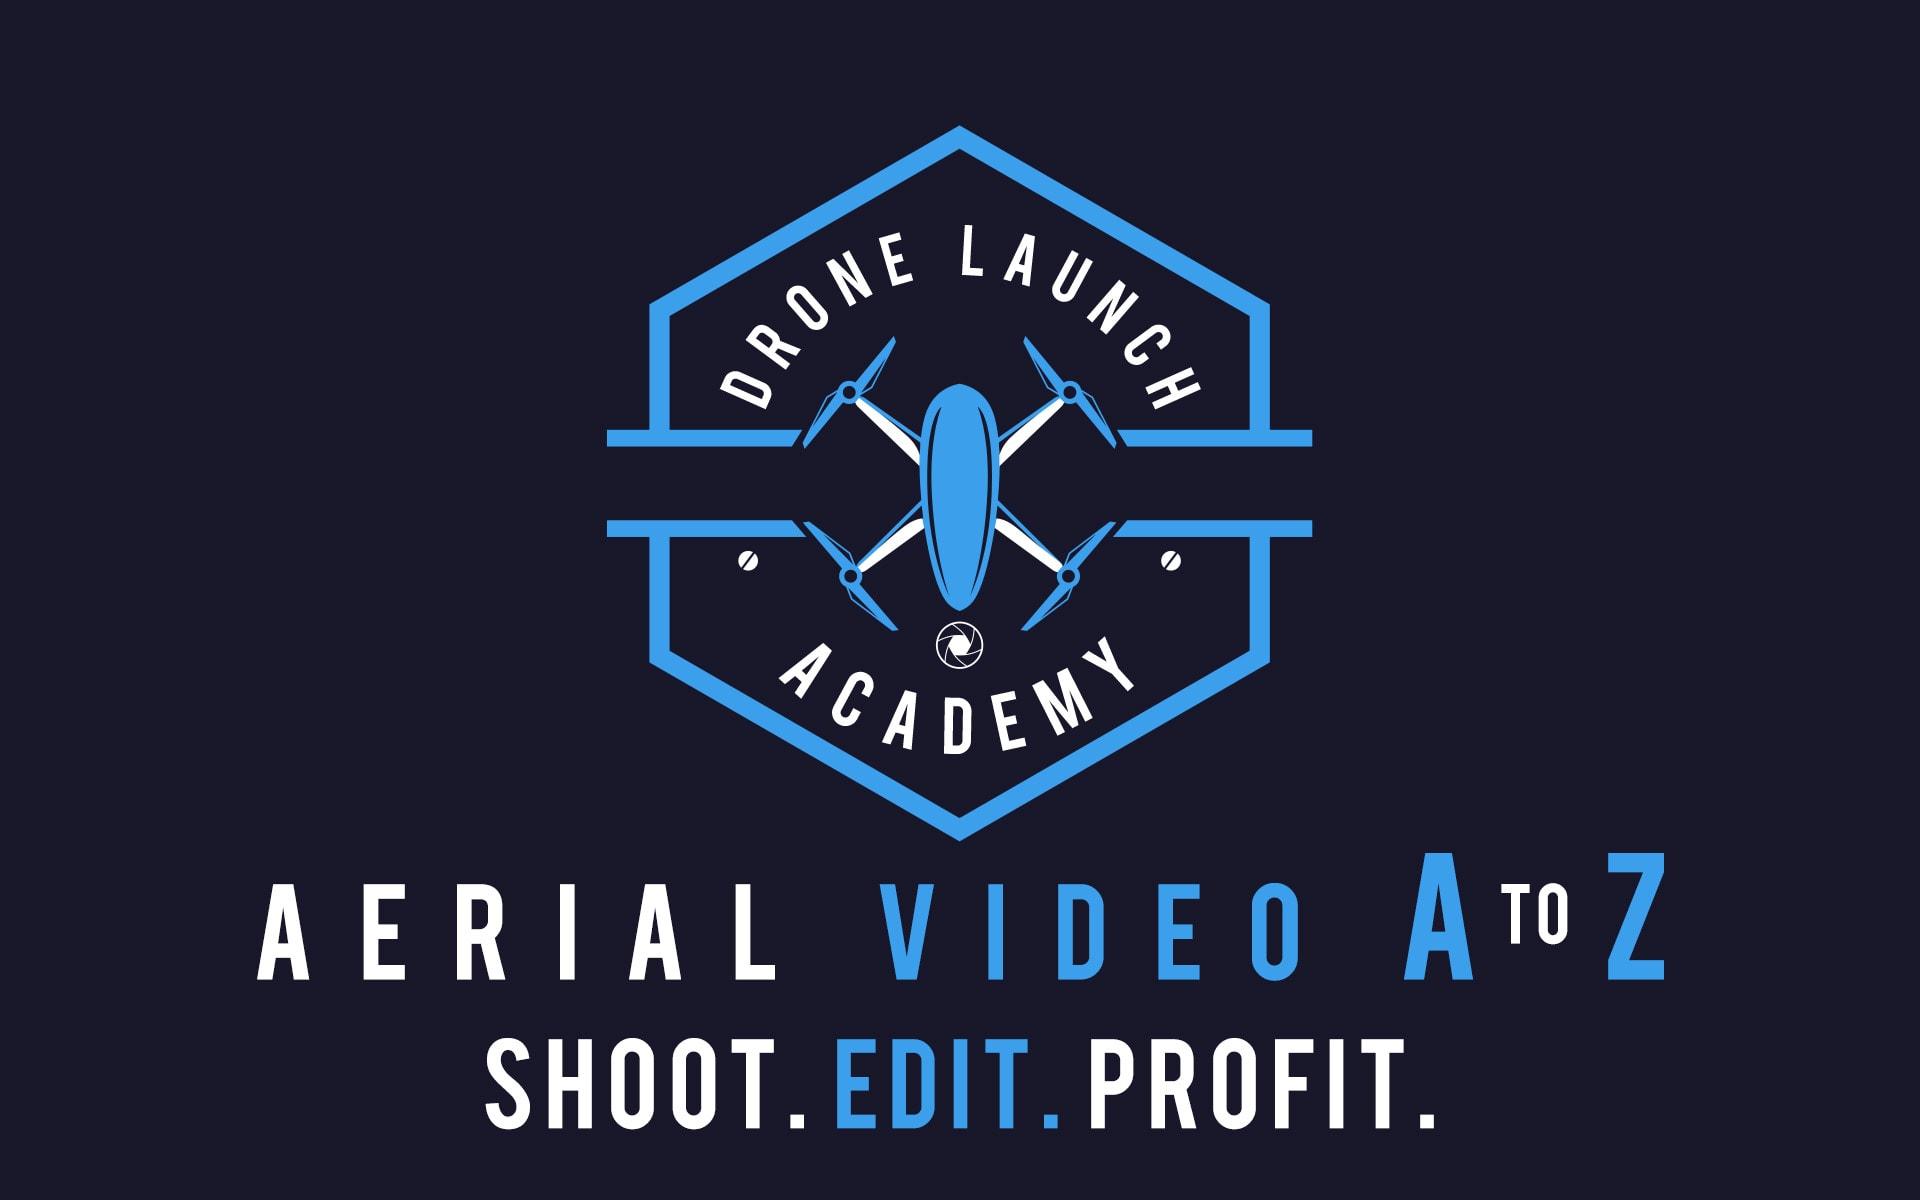 aerial video a to z logo